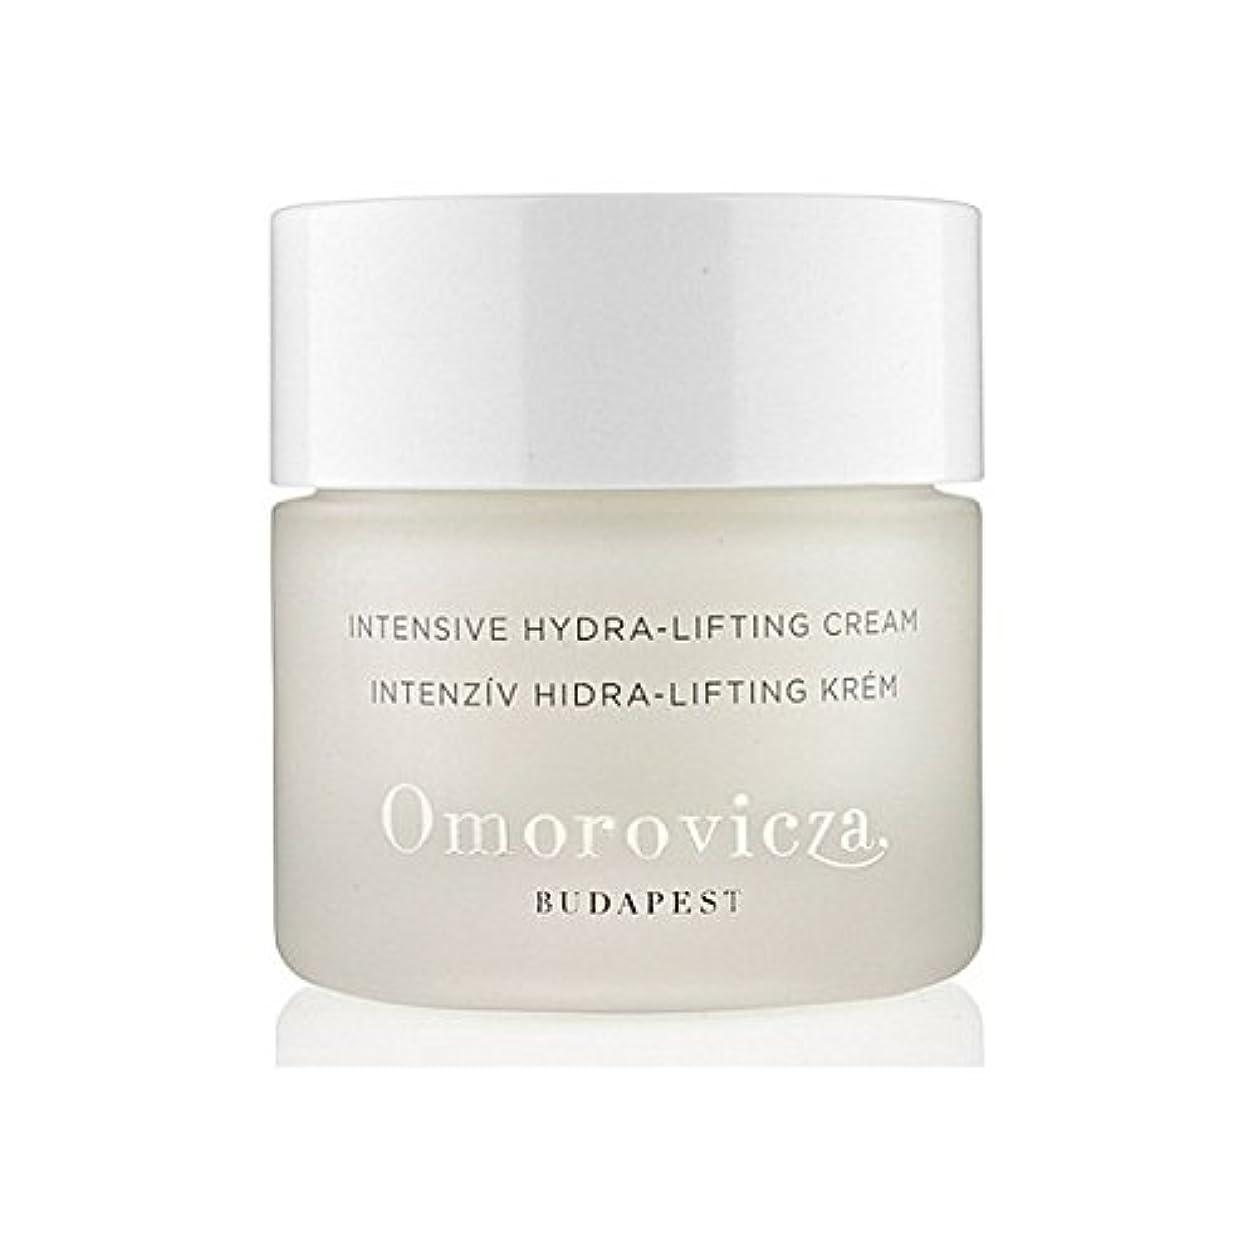 エミュレーション一見エミュレーションOmorovicza Intensive Hydra-Lifting Cream 50Ml (Pack of 6) - 集中的なヒドラリフティングクリーム50 x6 [並行輸入品]